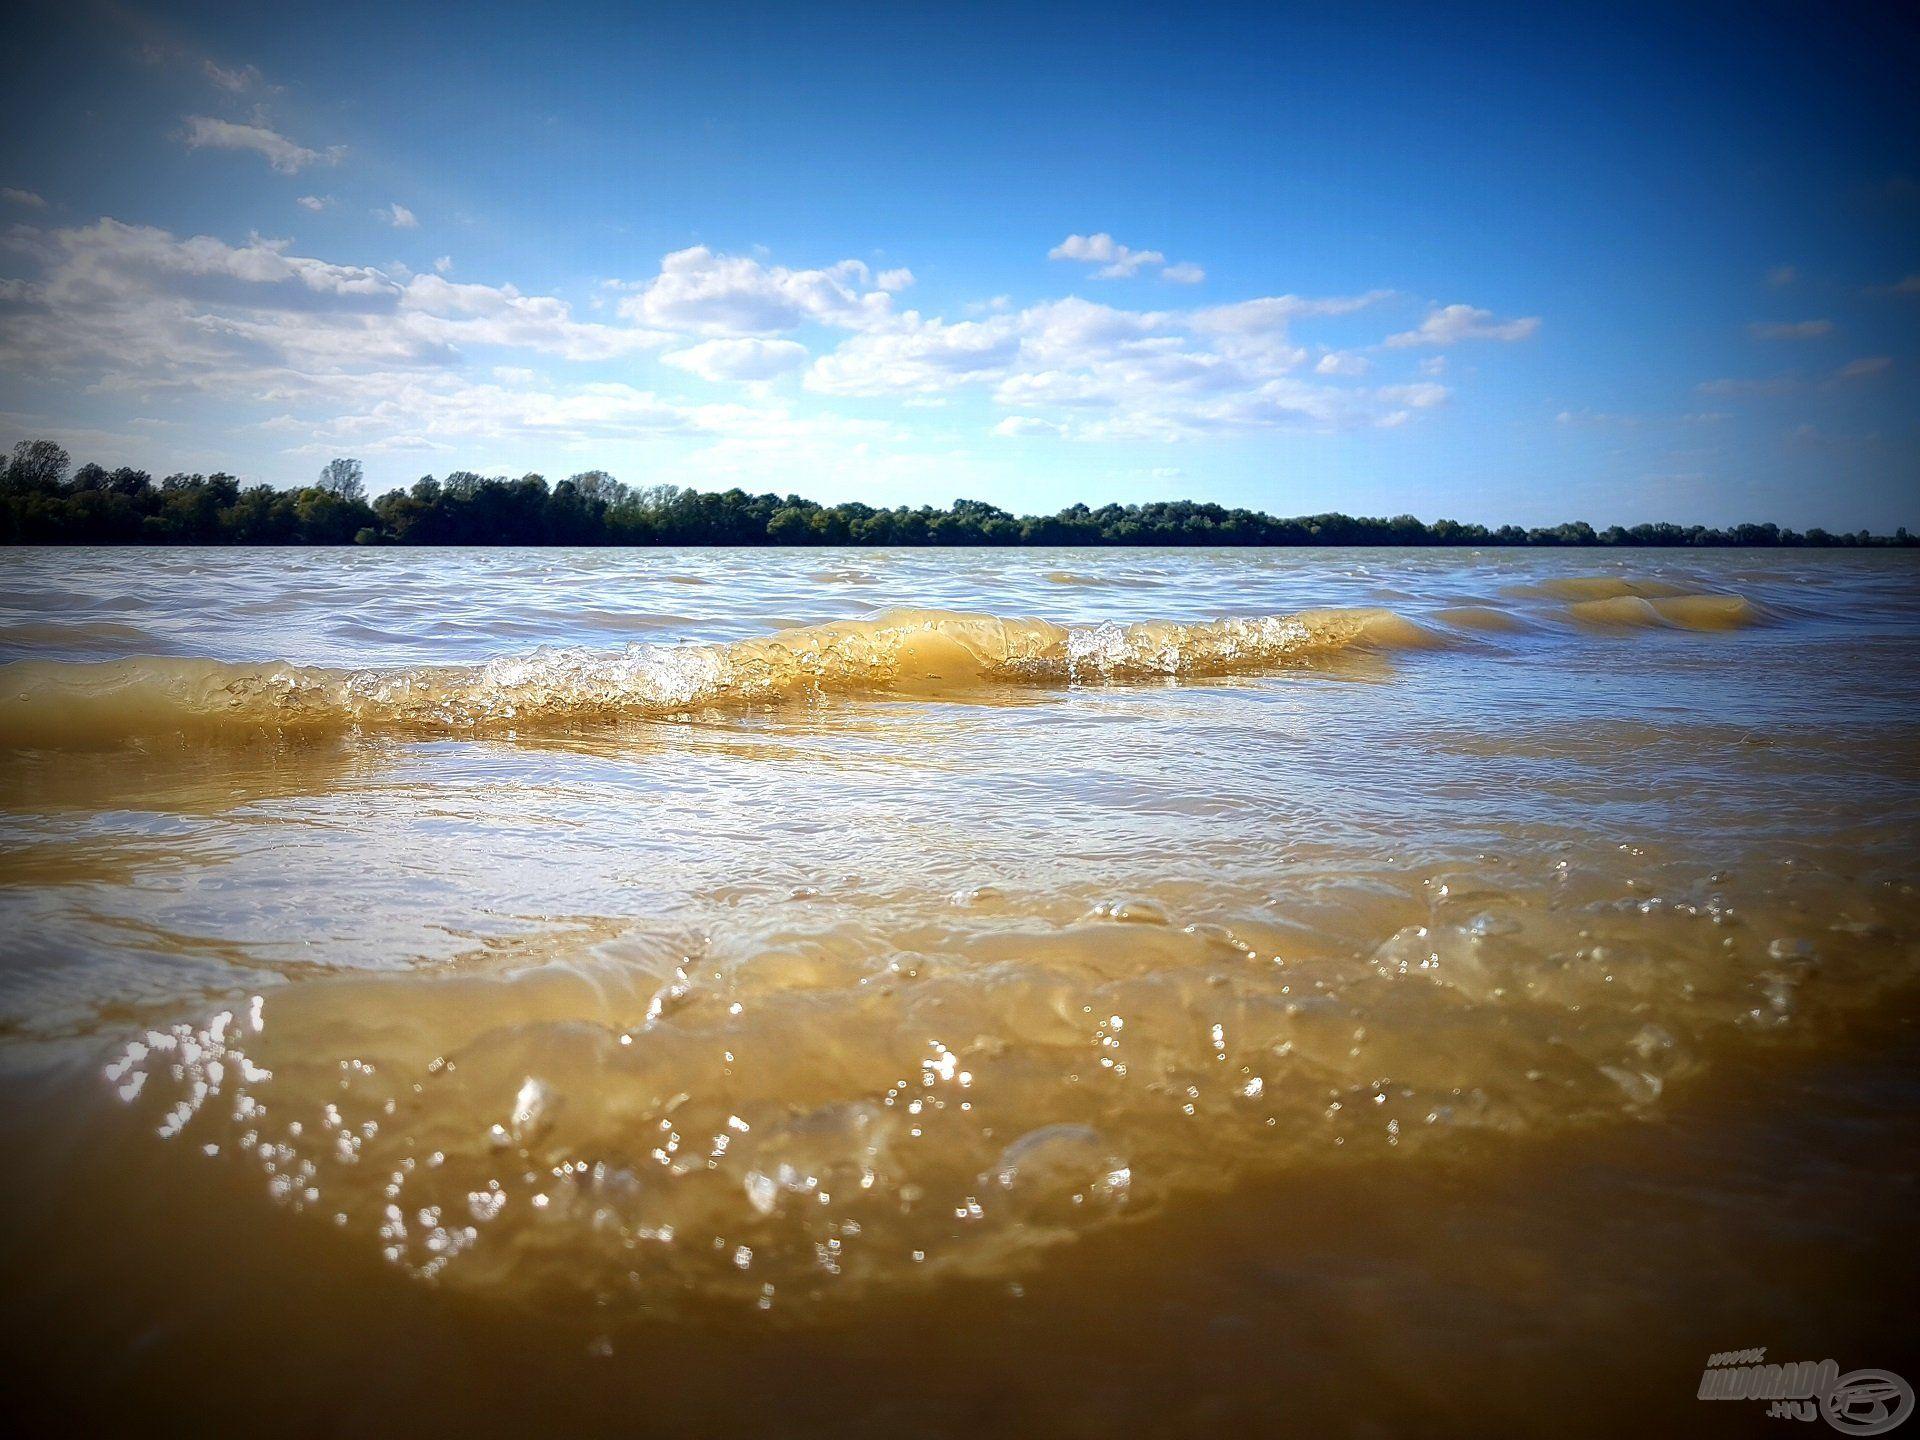 A viharos szél hatalmas hullámokat korbácsolt, mely elégé megnehezítette a dolgom